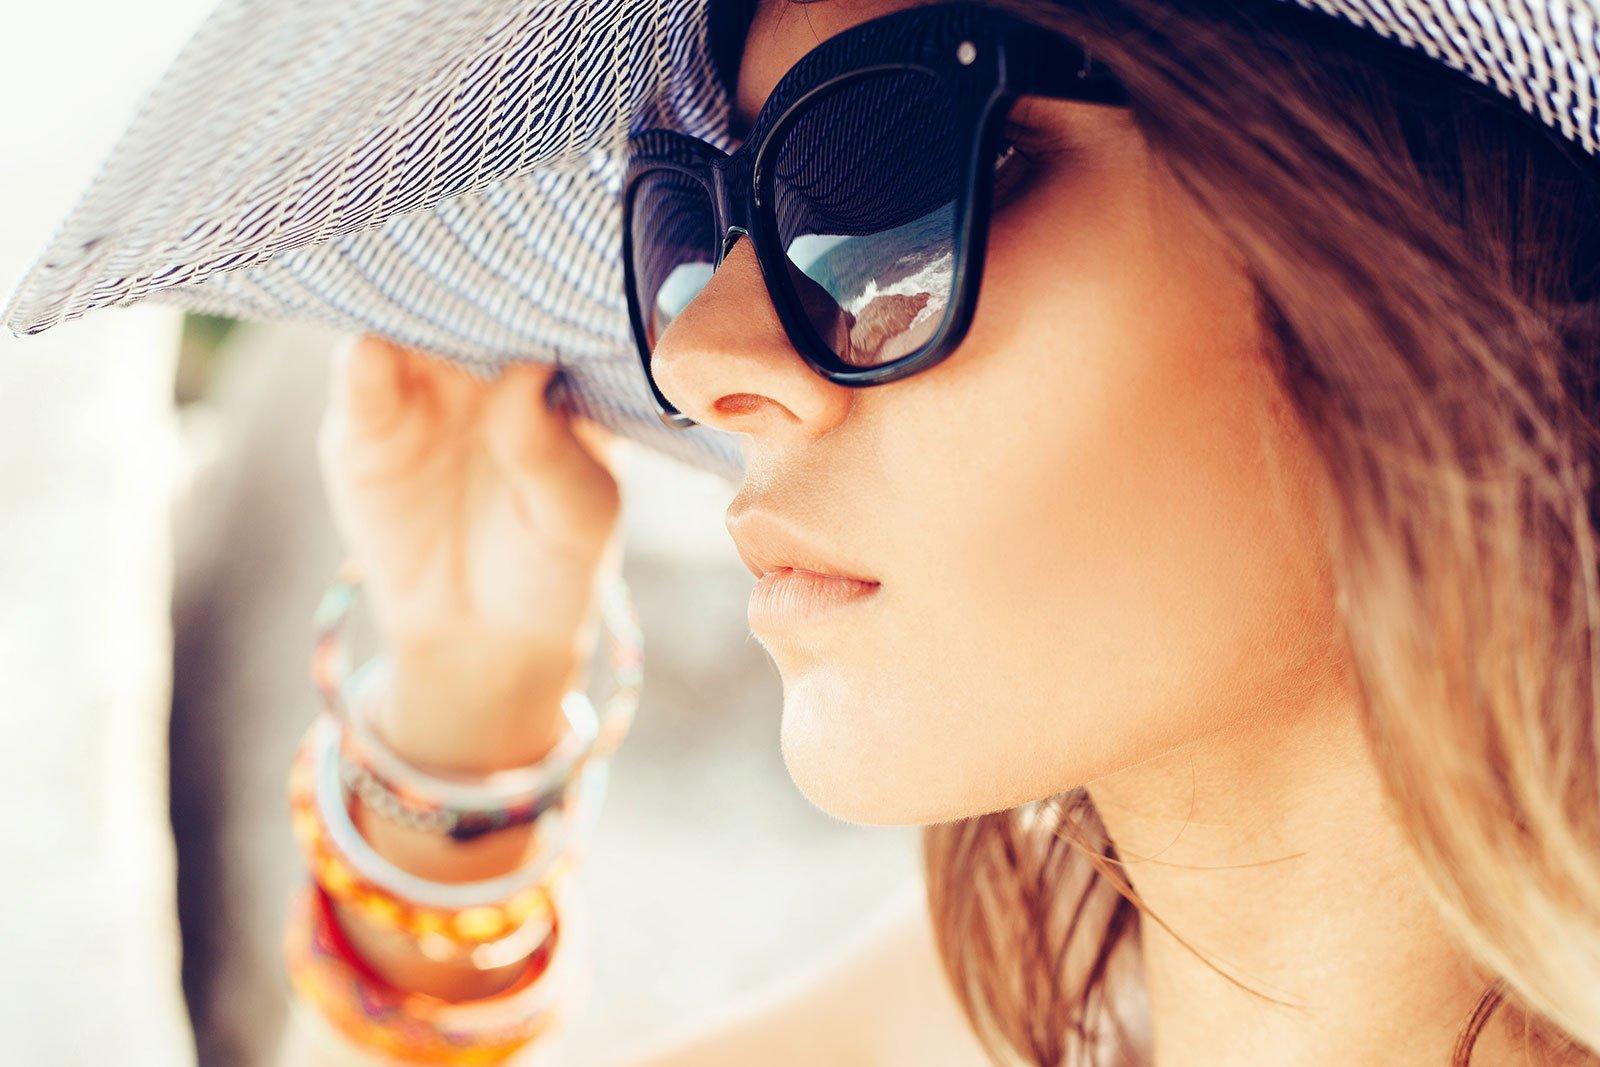 una ragazza con un cappello e degli occhiali da sole neri vista di profilo